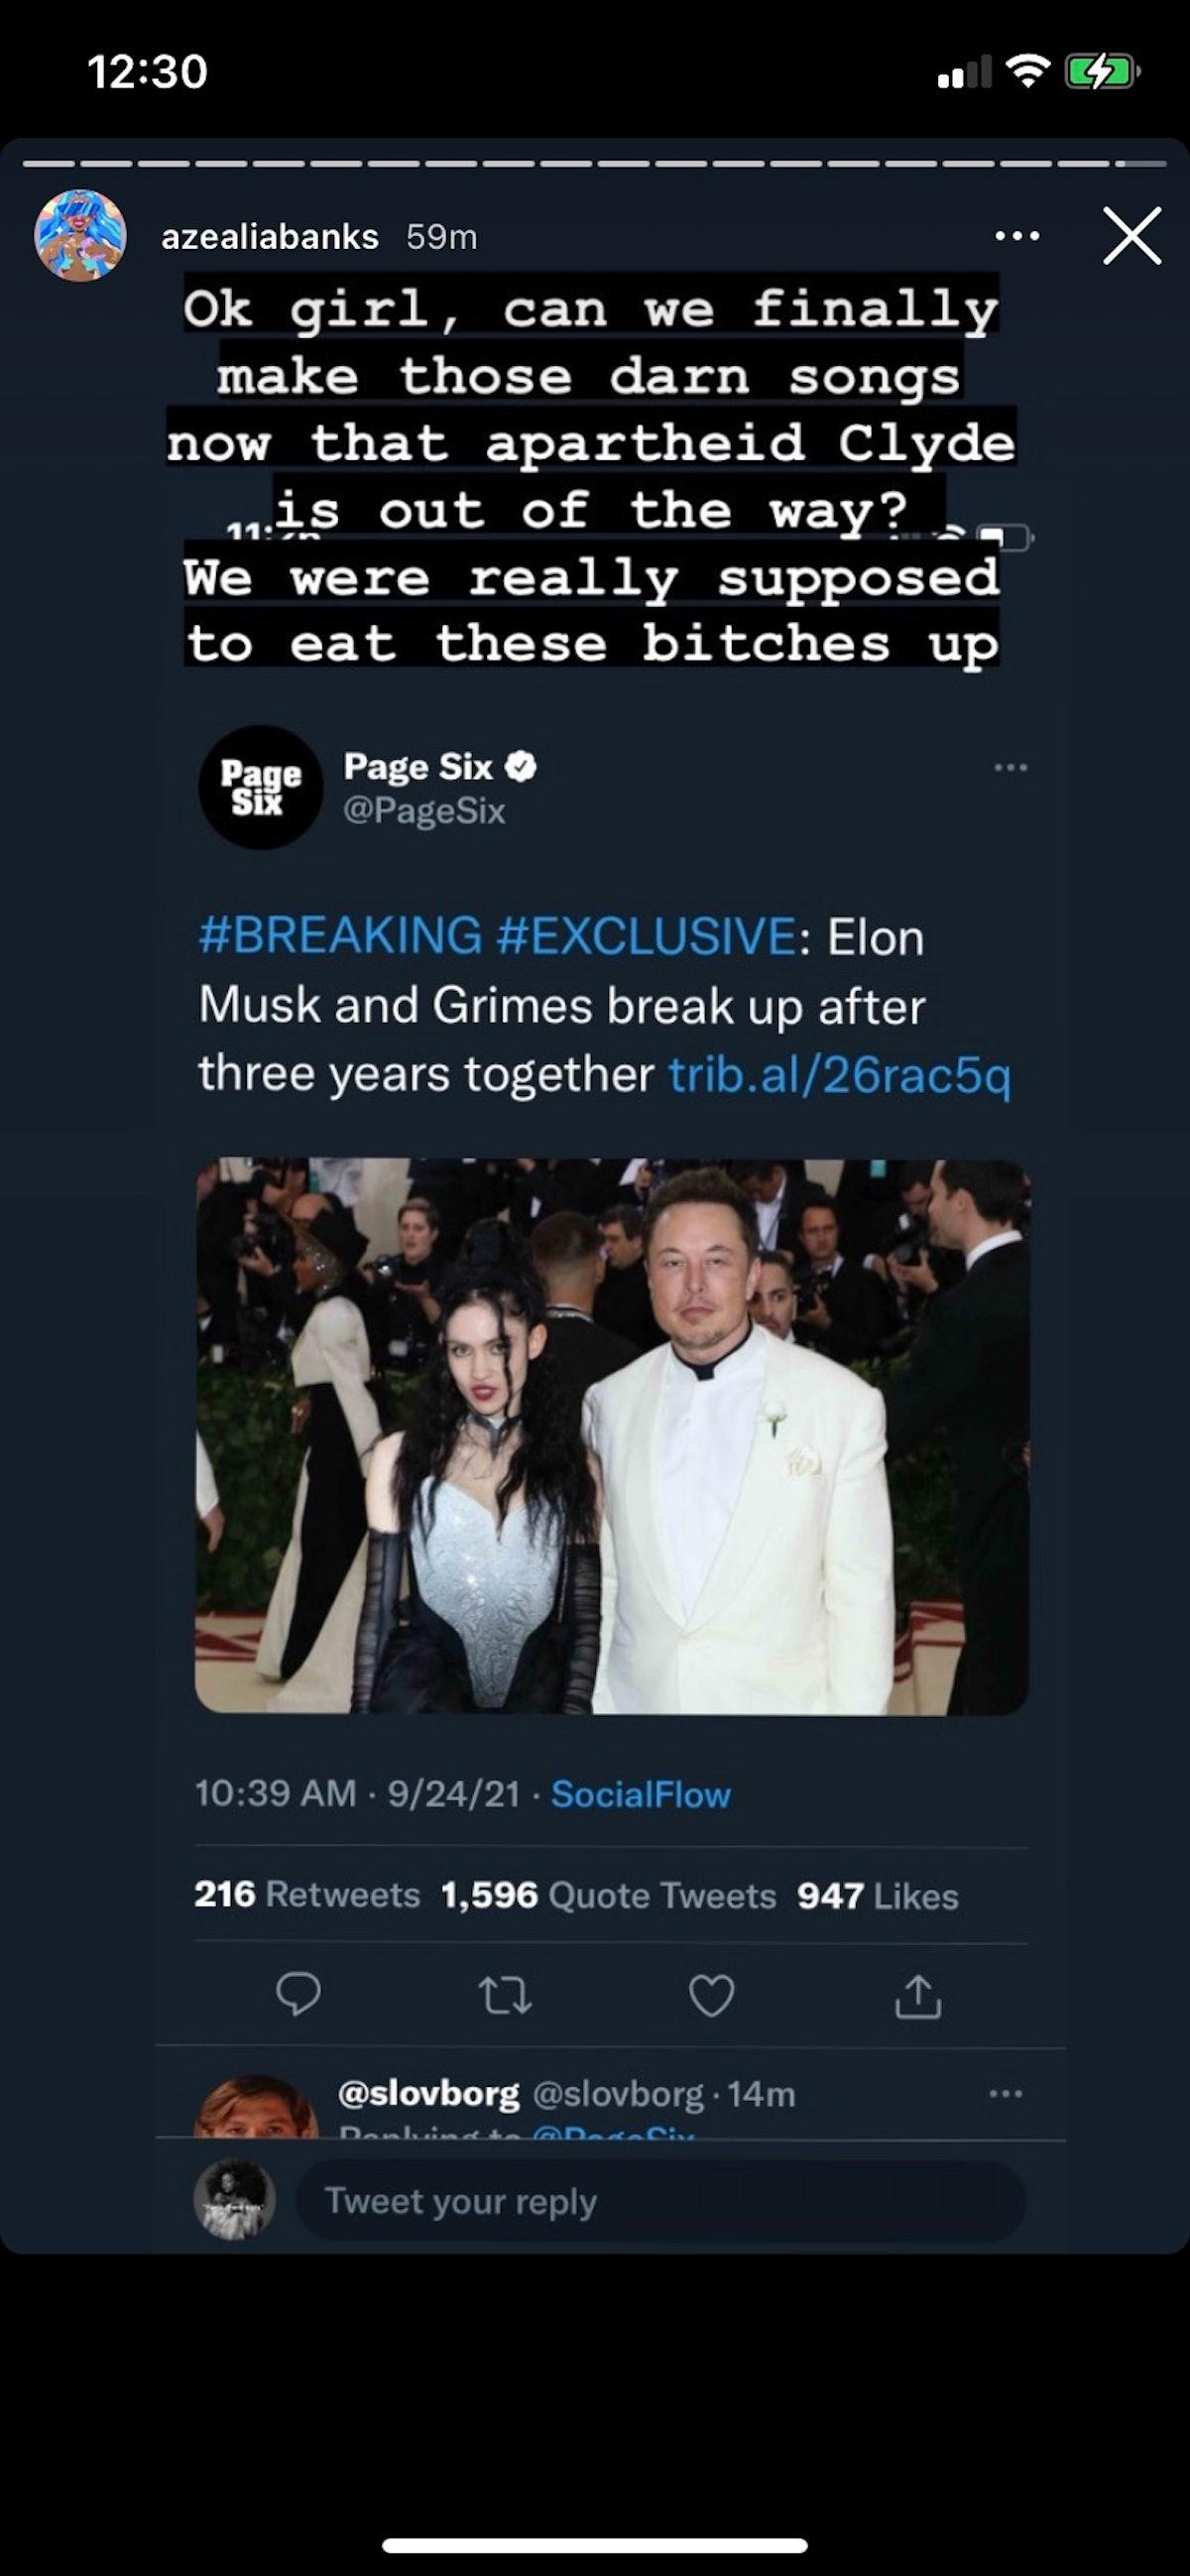 بانک های Azealia ، Grimes ، Elon Musk